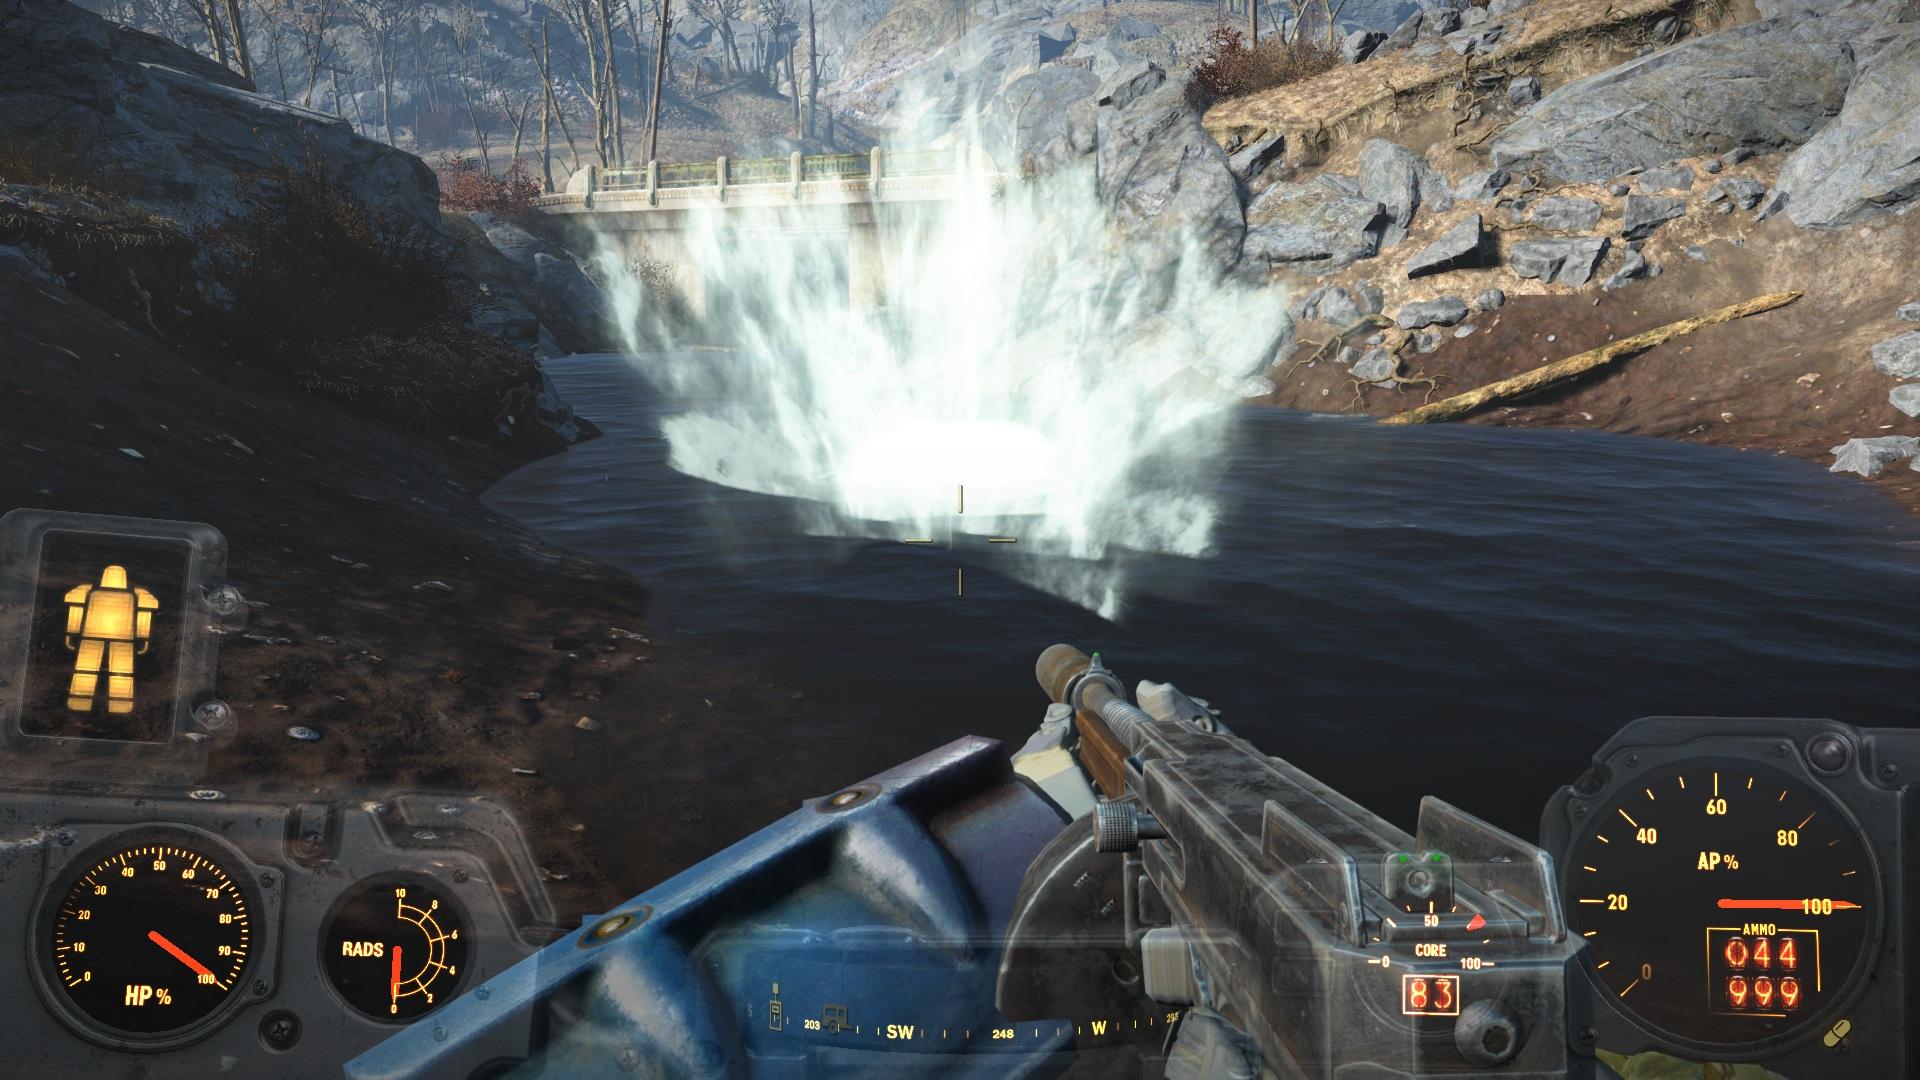 1 пуля - и такой эффект! - Fallout 4 автоматическое оружие, жми и молись, фонтанчик